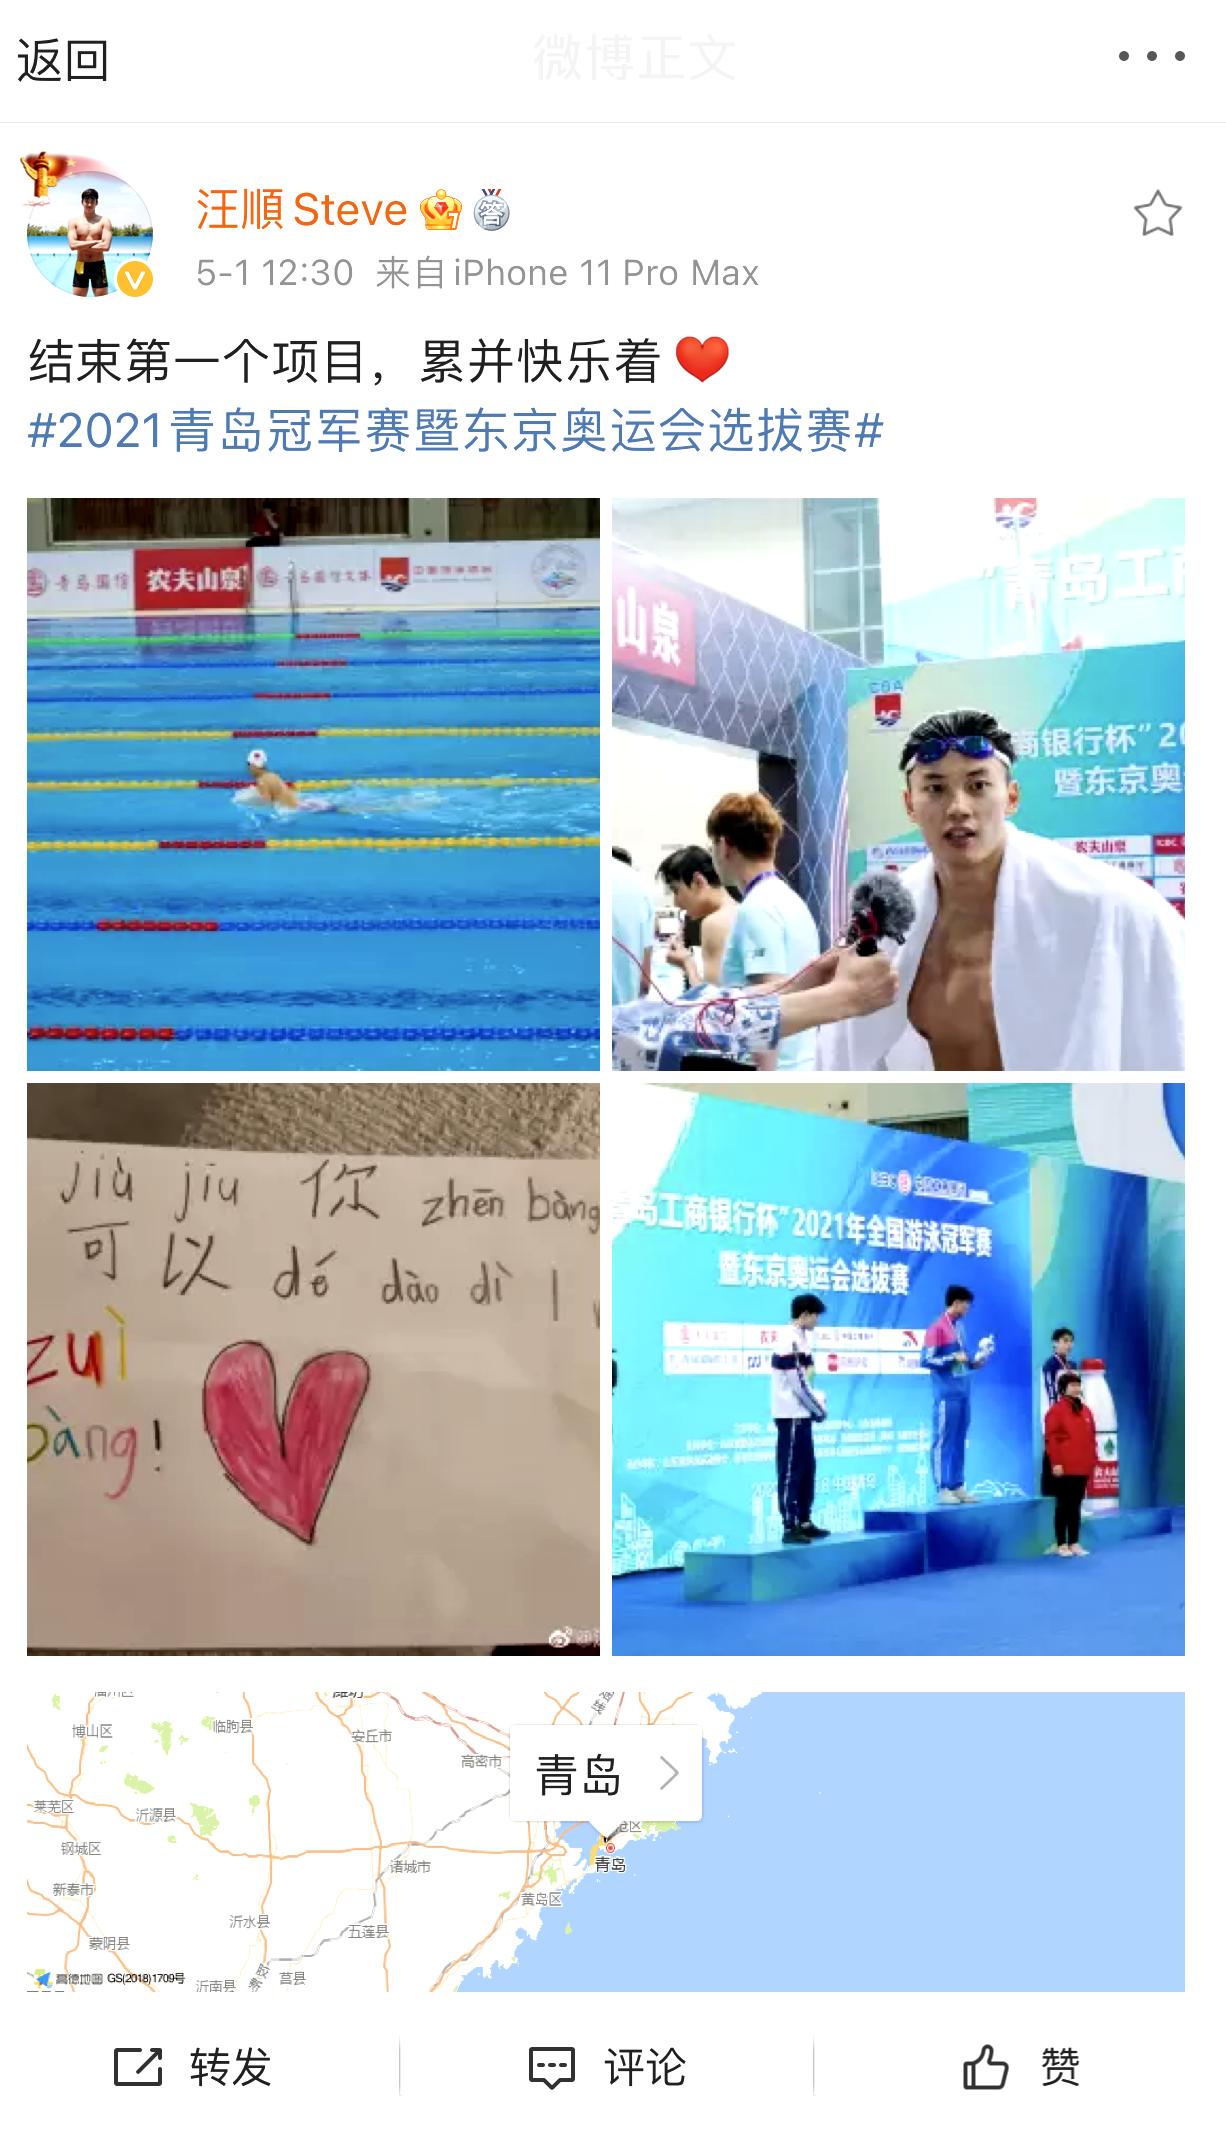 喜讯:汪顺在全国游泳冠军赛男子400米混合泳决赛中勇夺金牌